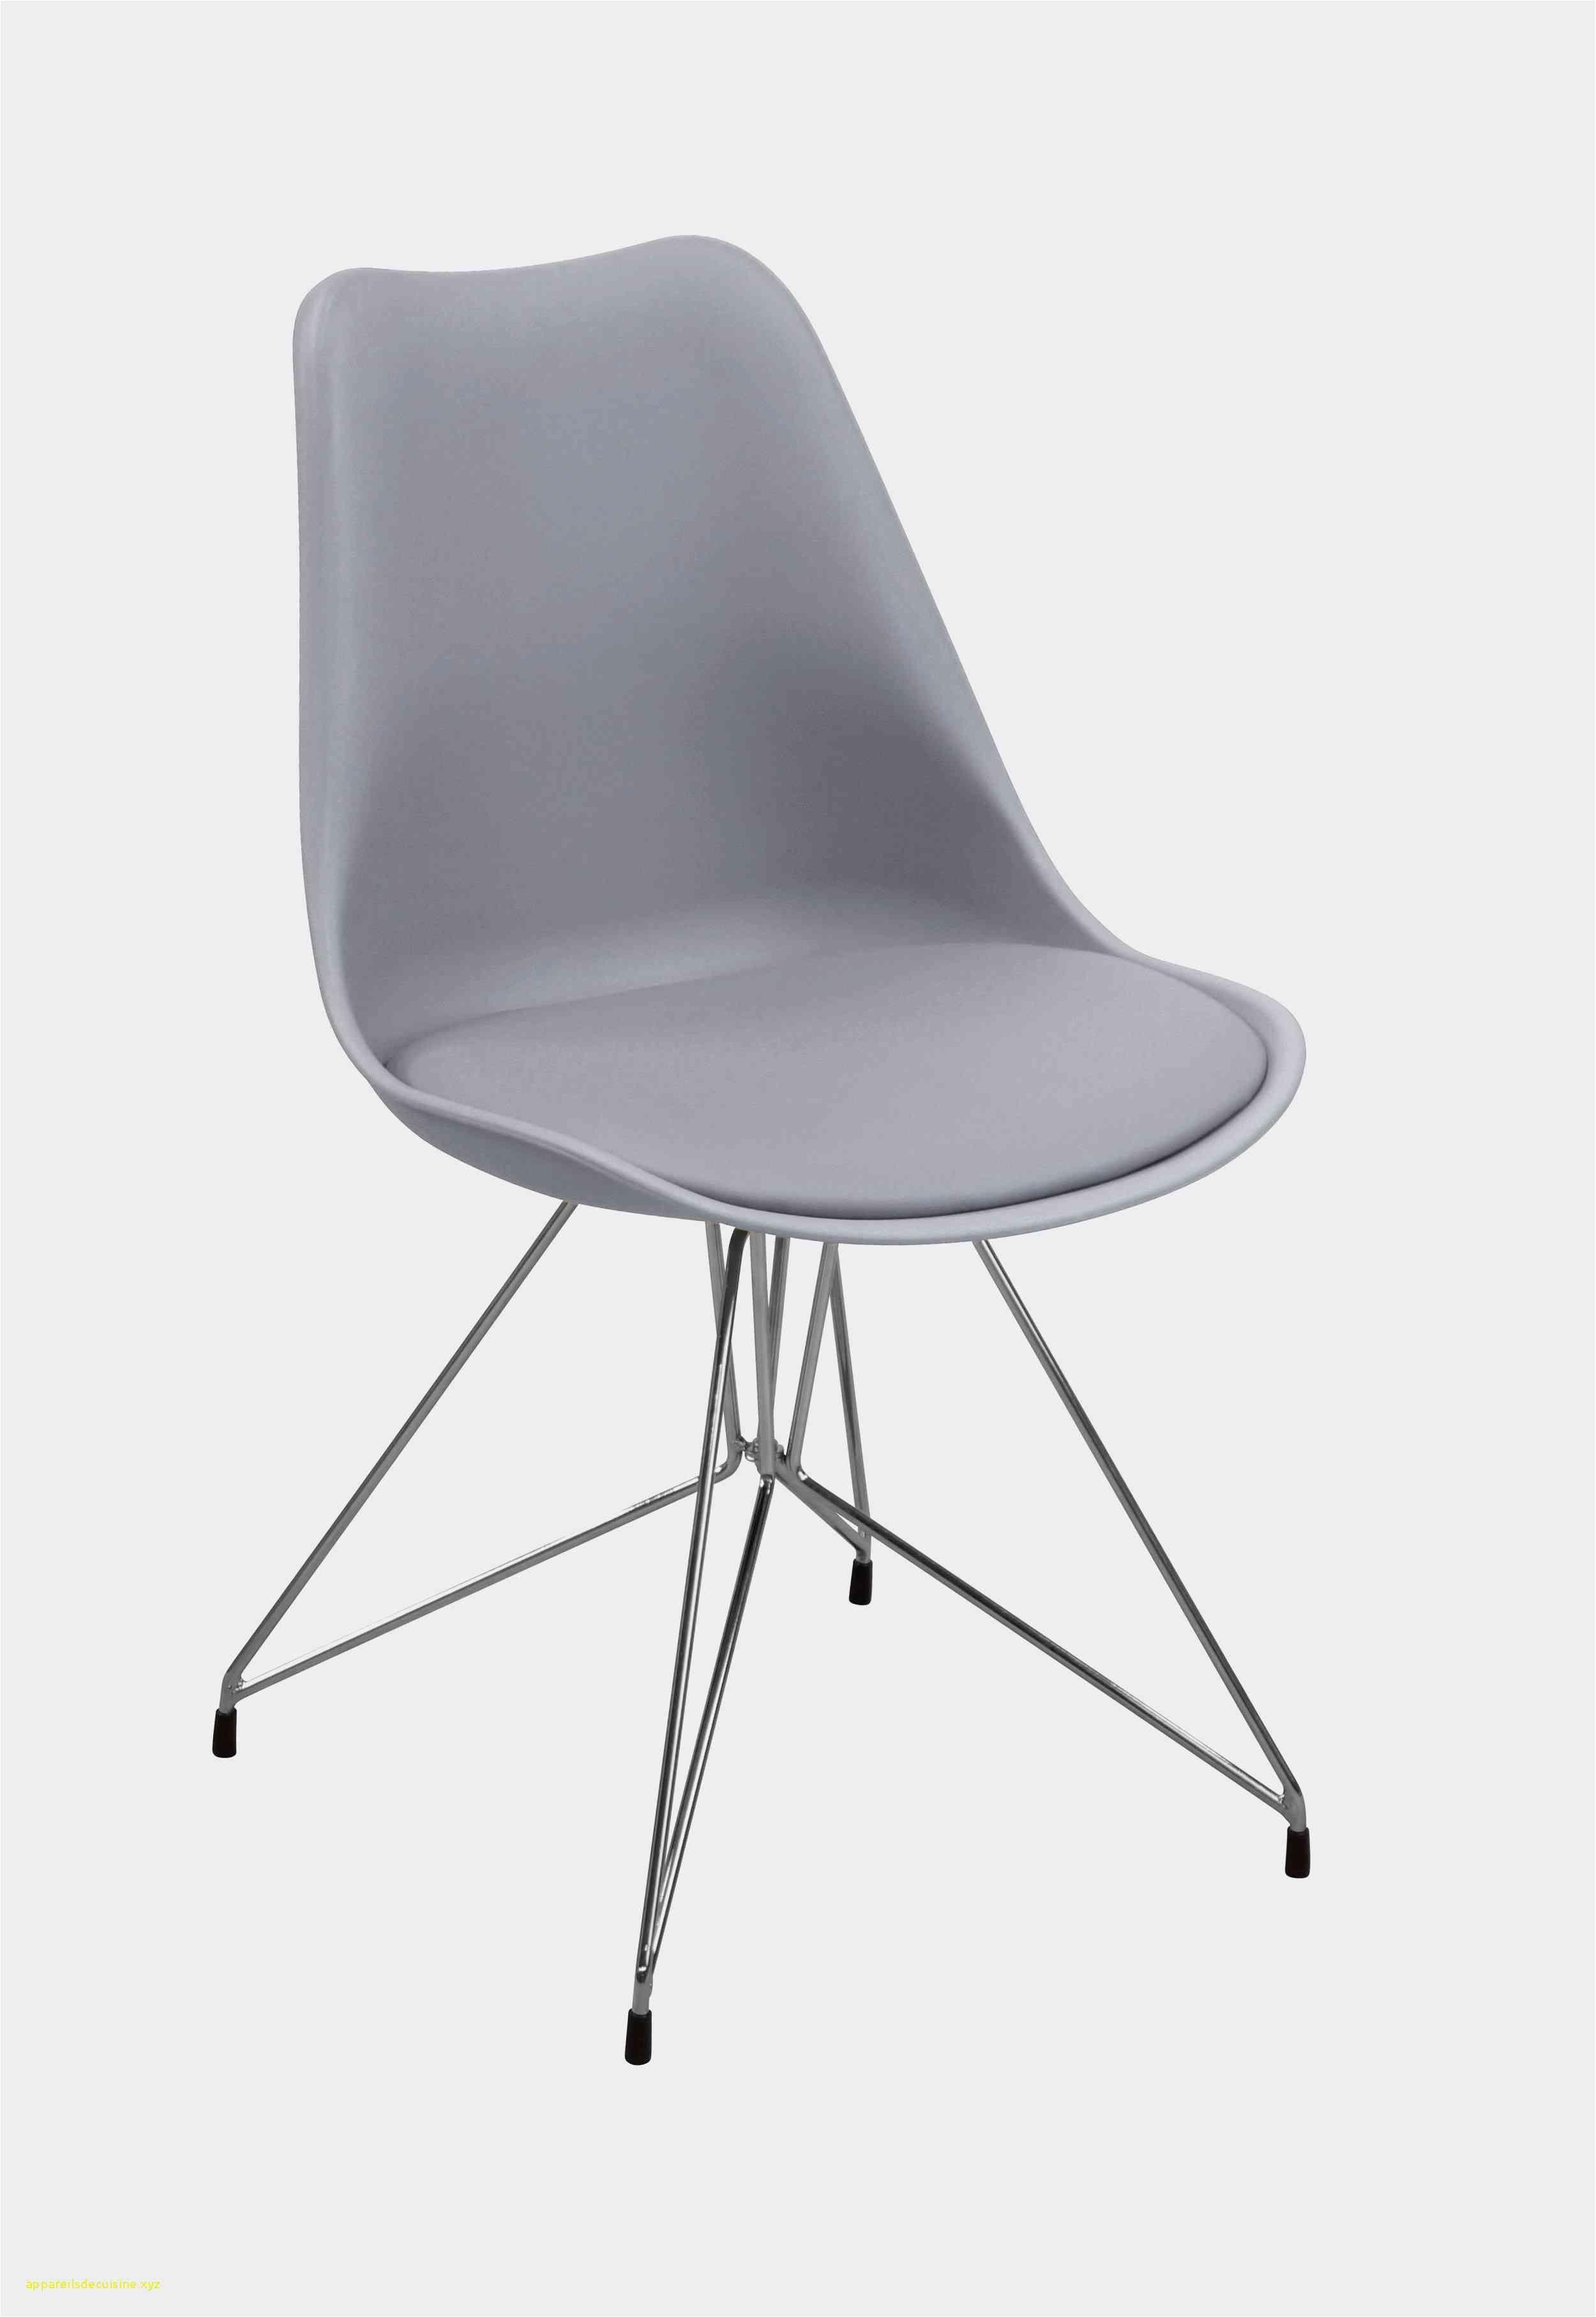 Fresh Chaise De Cuisine Confortable Eames Chair Design Decor